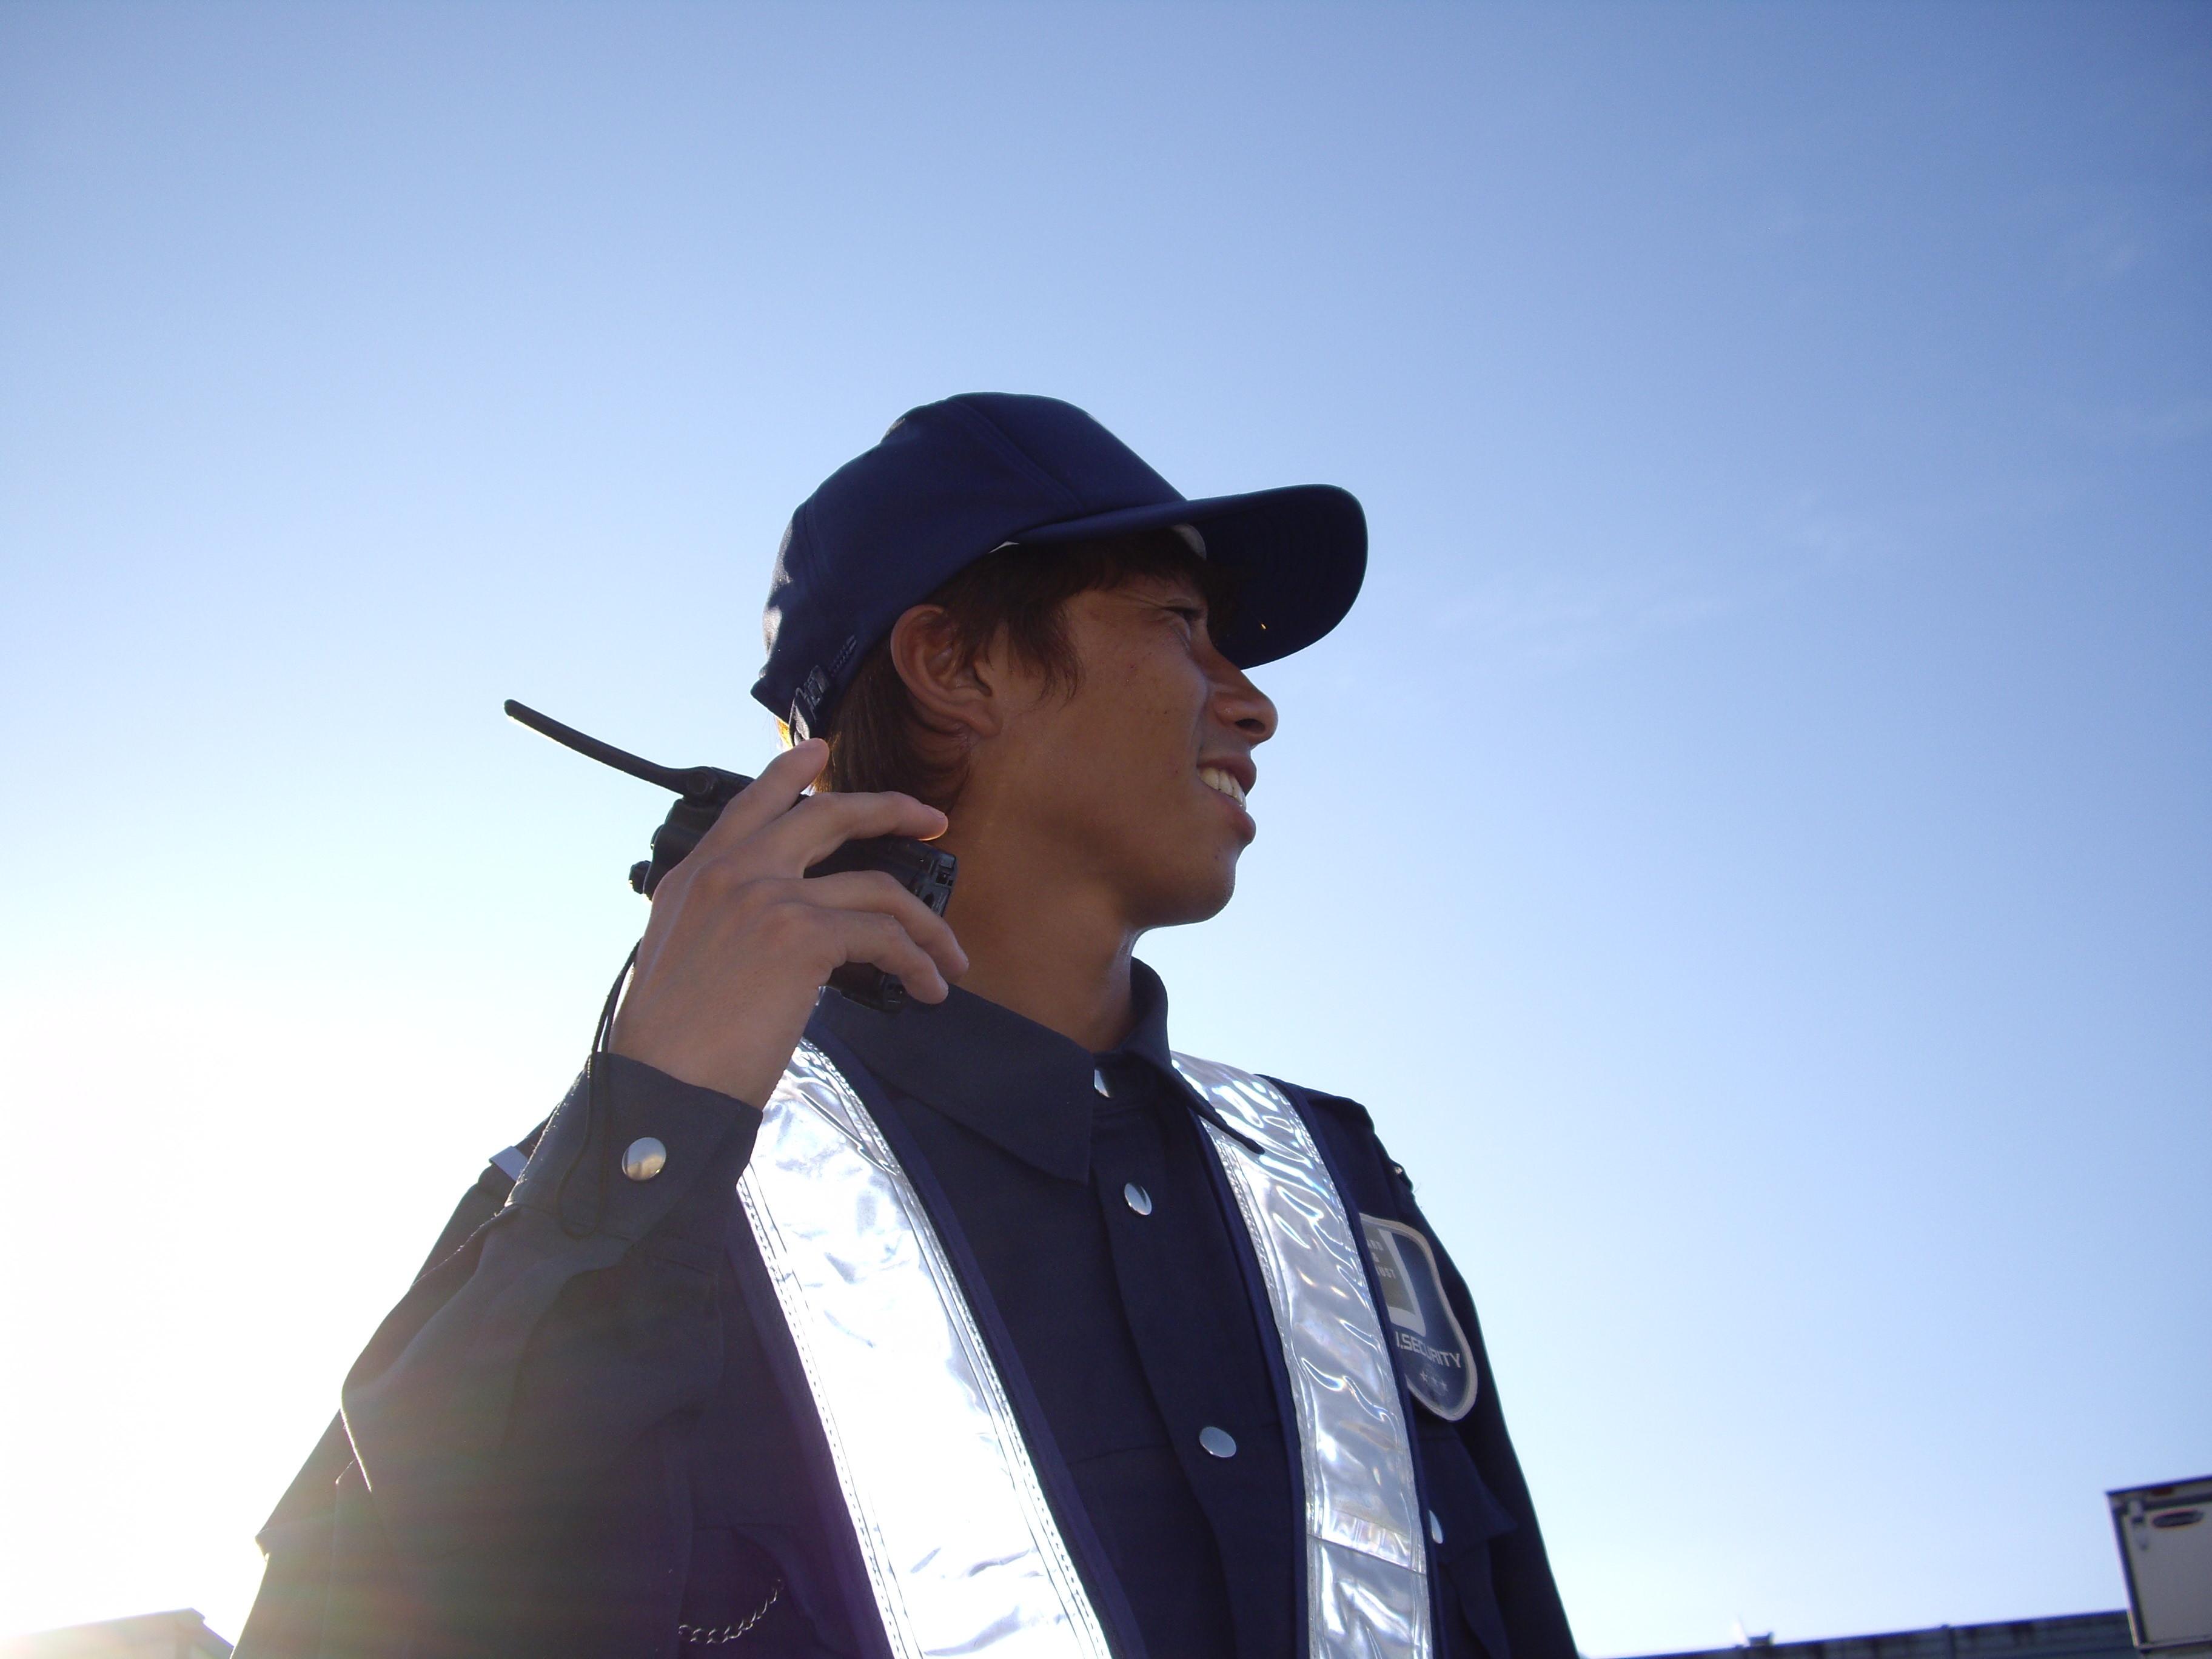 交通誘導スタッフ 岩船郡粟島浦村エリア 株式会社J.SECURITYのアルバイト情報